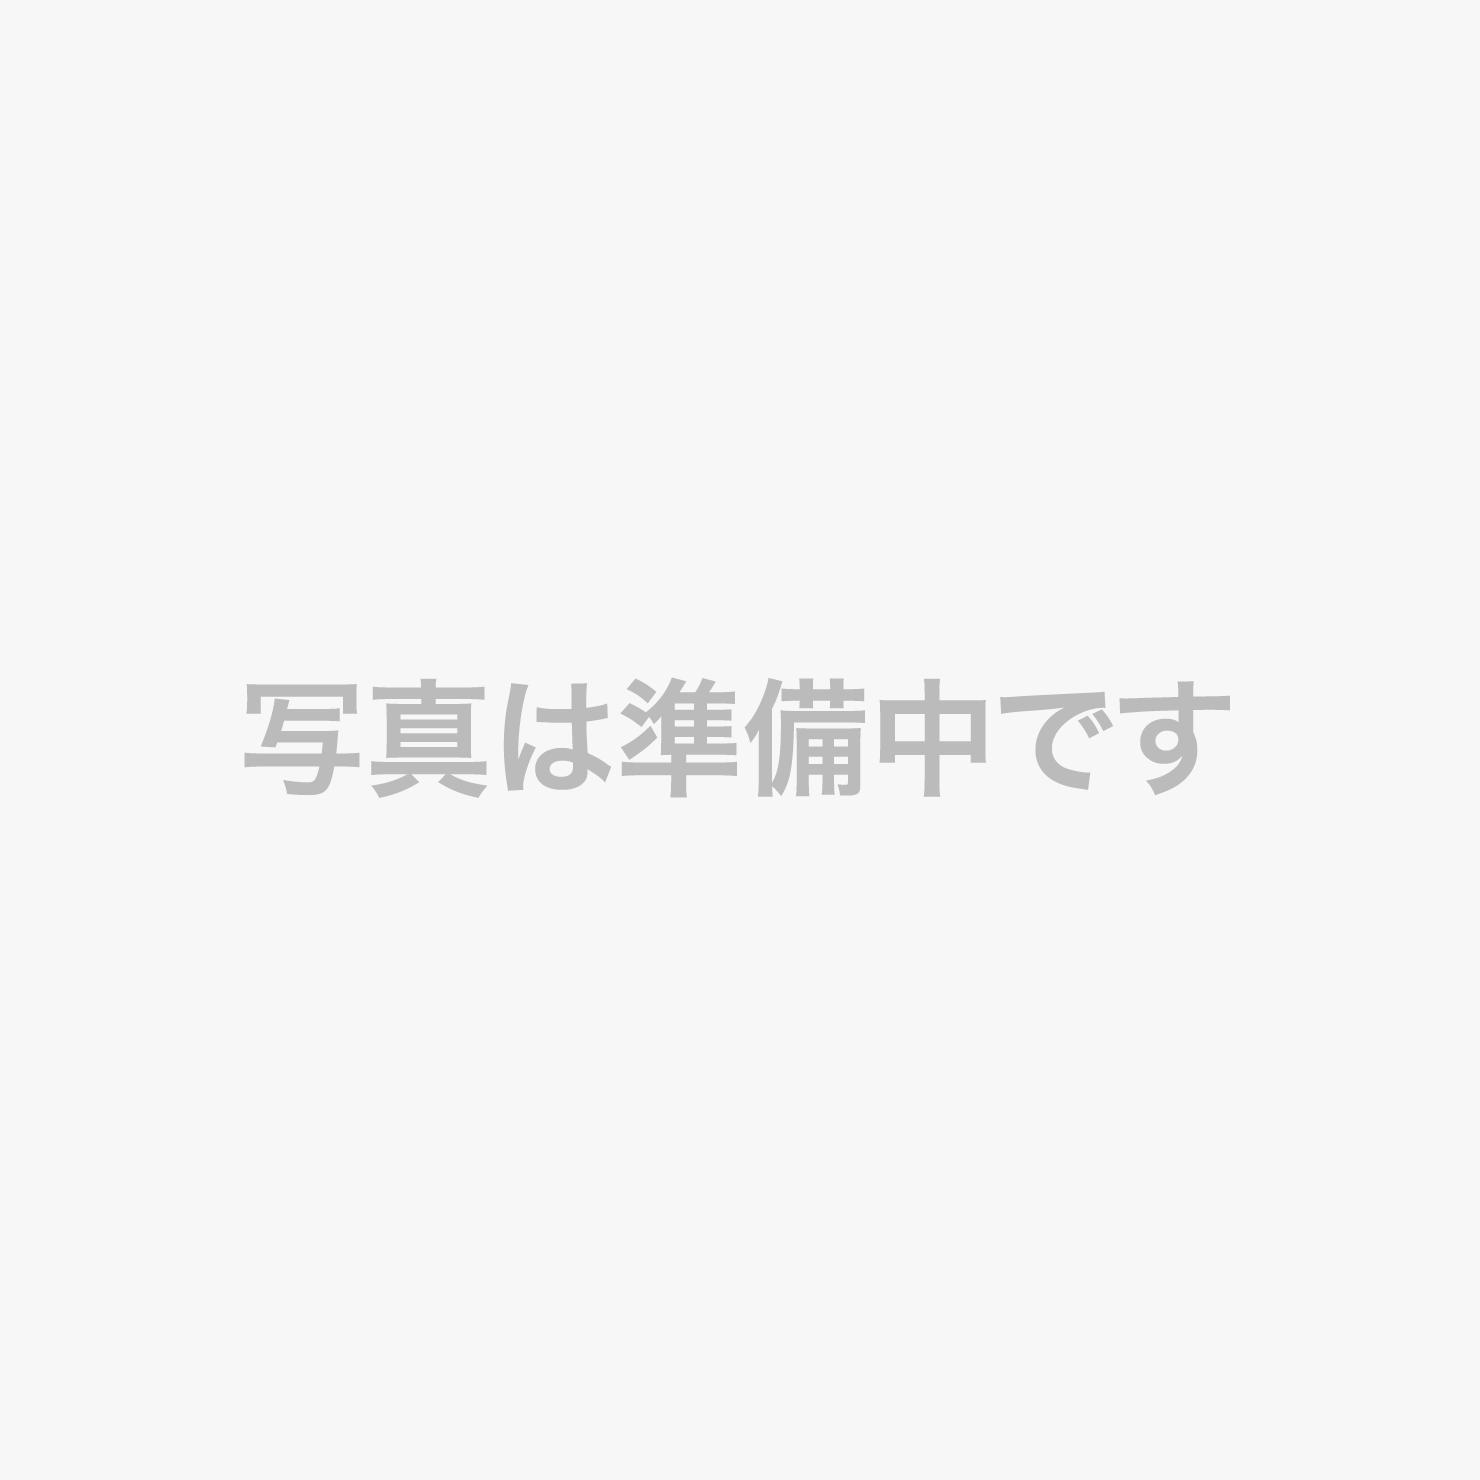 【パティスリーSATSUKI】パティシエがひとつひとつ丁寧に手作りする、植物由来の「次世代レーズンサンド」 11:00~21:00 ザ・メイン ロビィ階